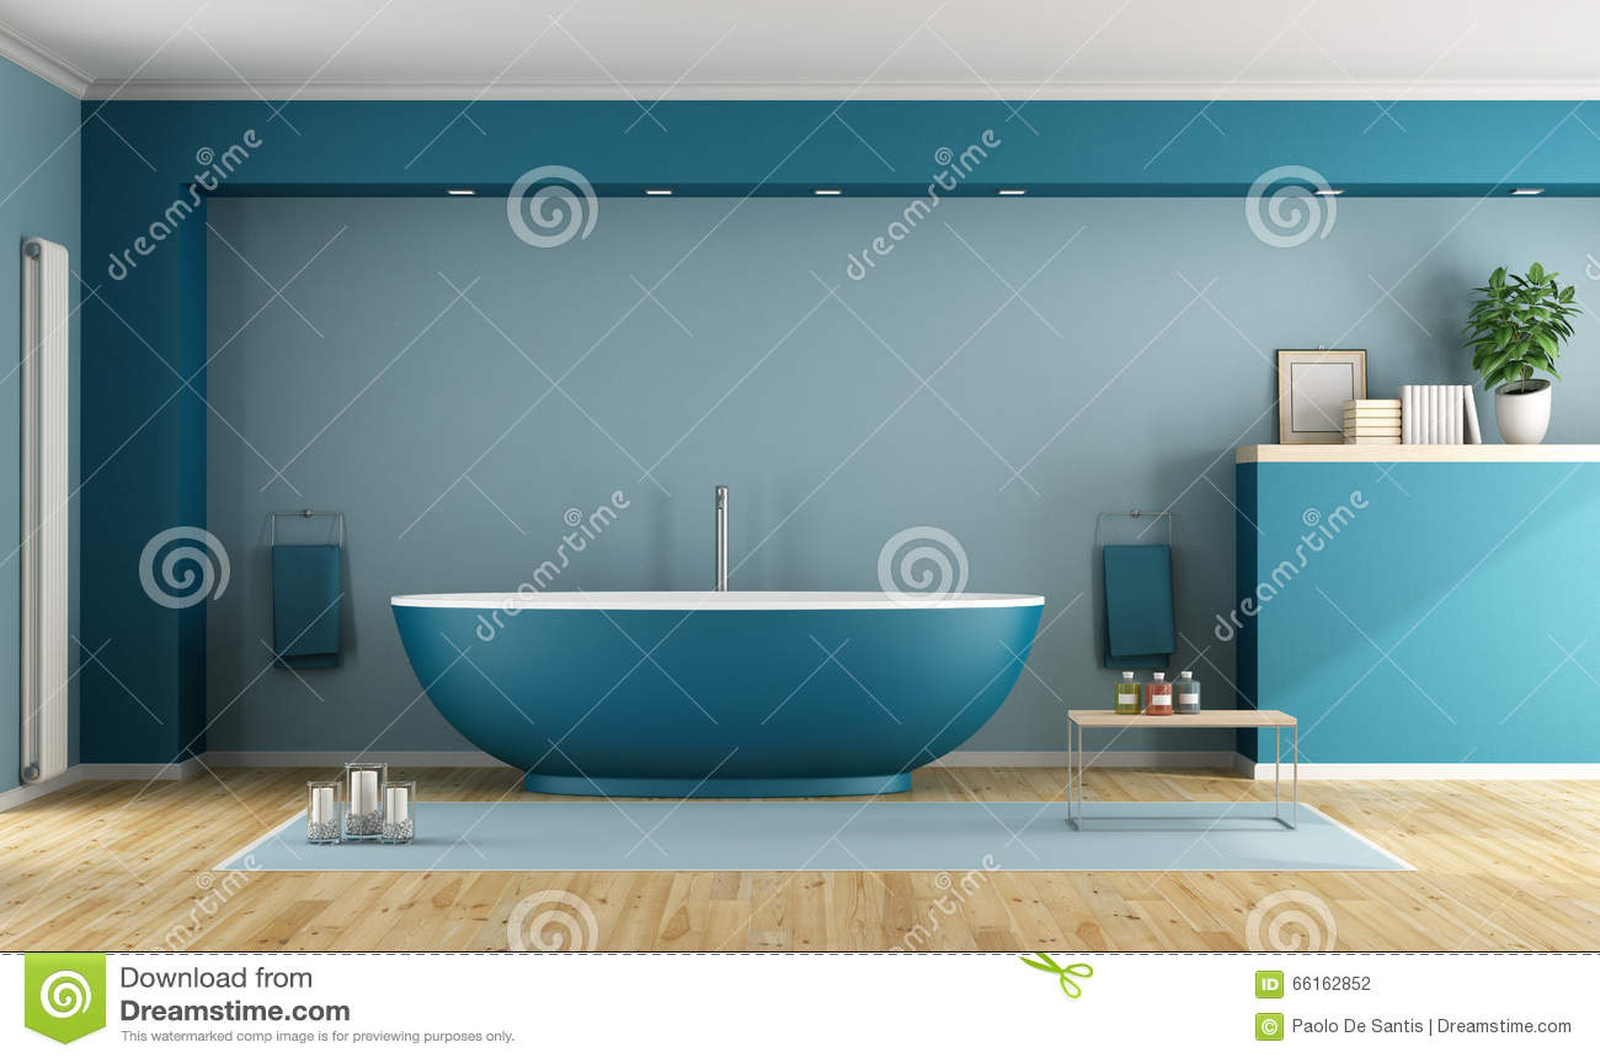 Foto bagno moderno blu e verde